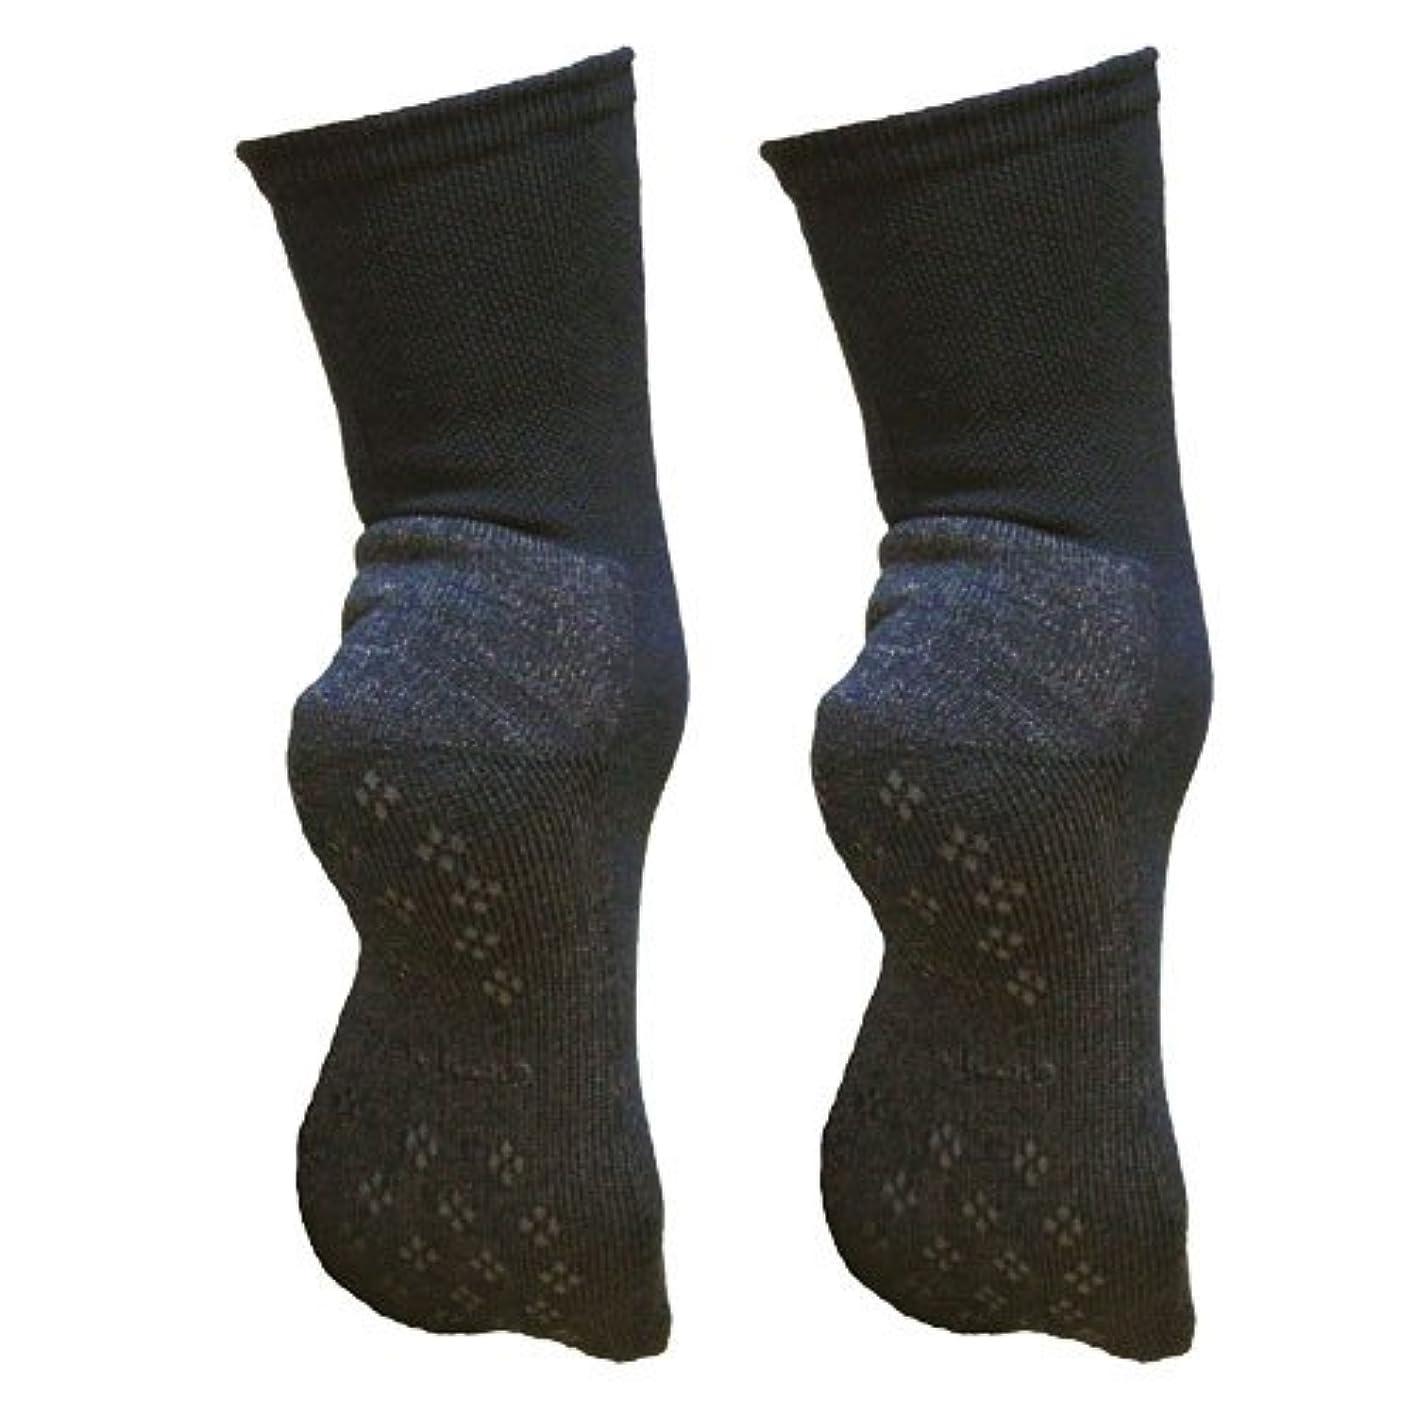 一過性同盟エンジニア銅繊維靴下「足もとはいつも青春」パイルタイプ2足セット 靴底のあたたかさ重視